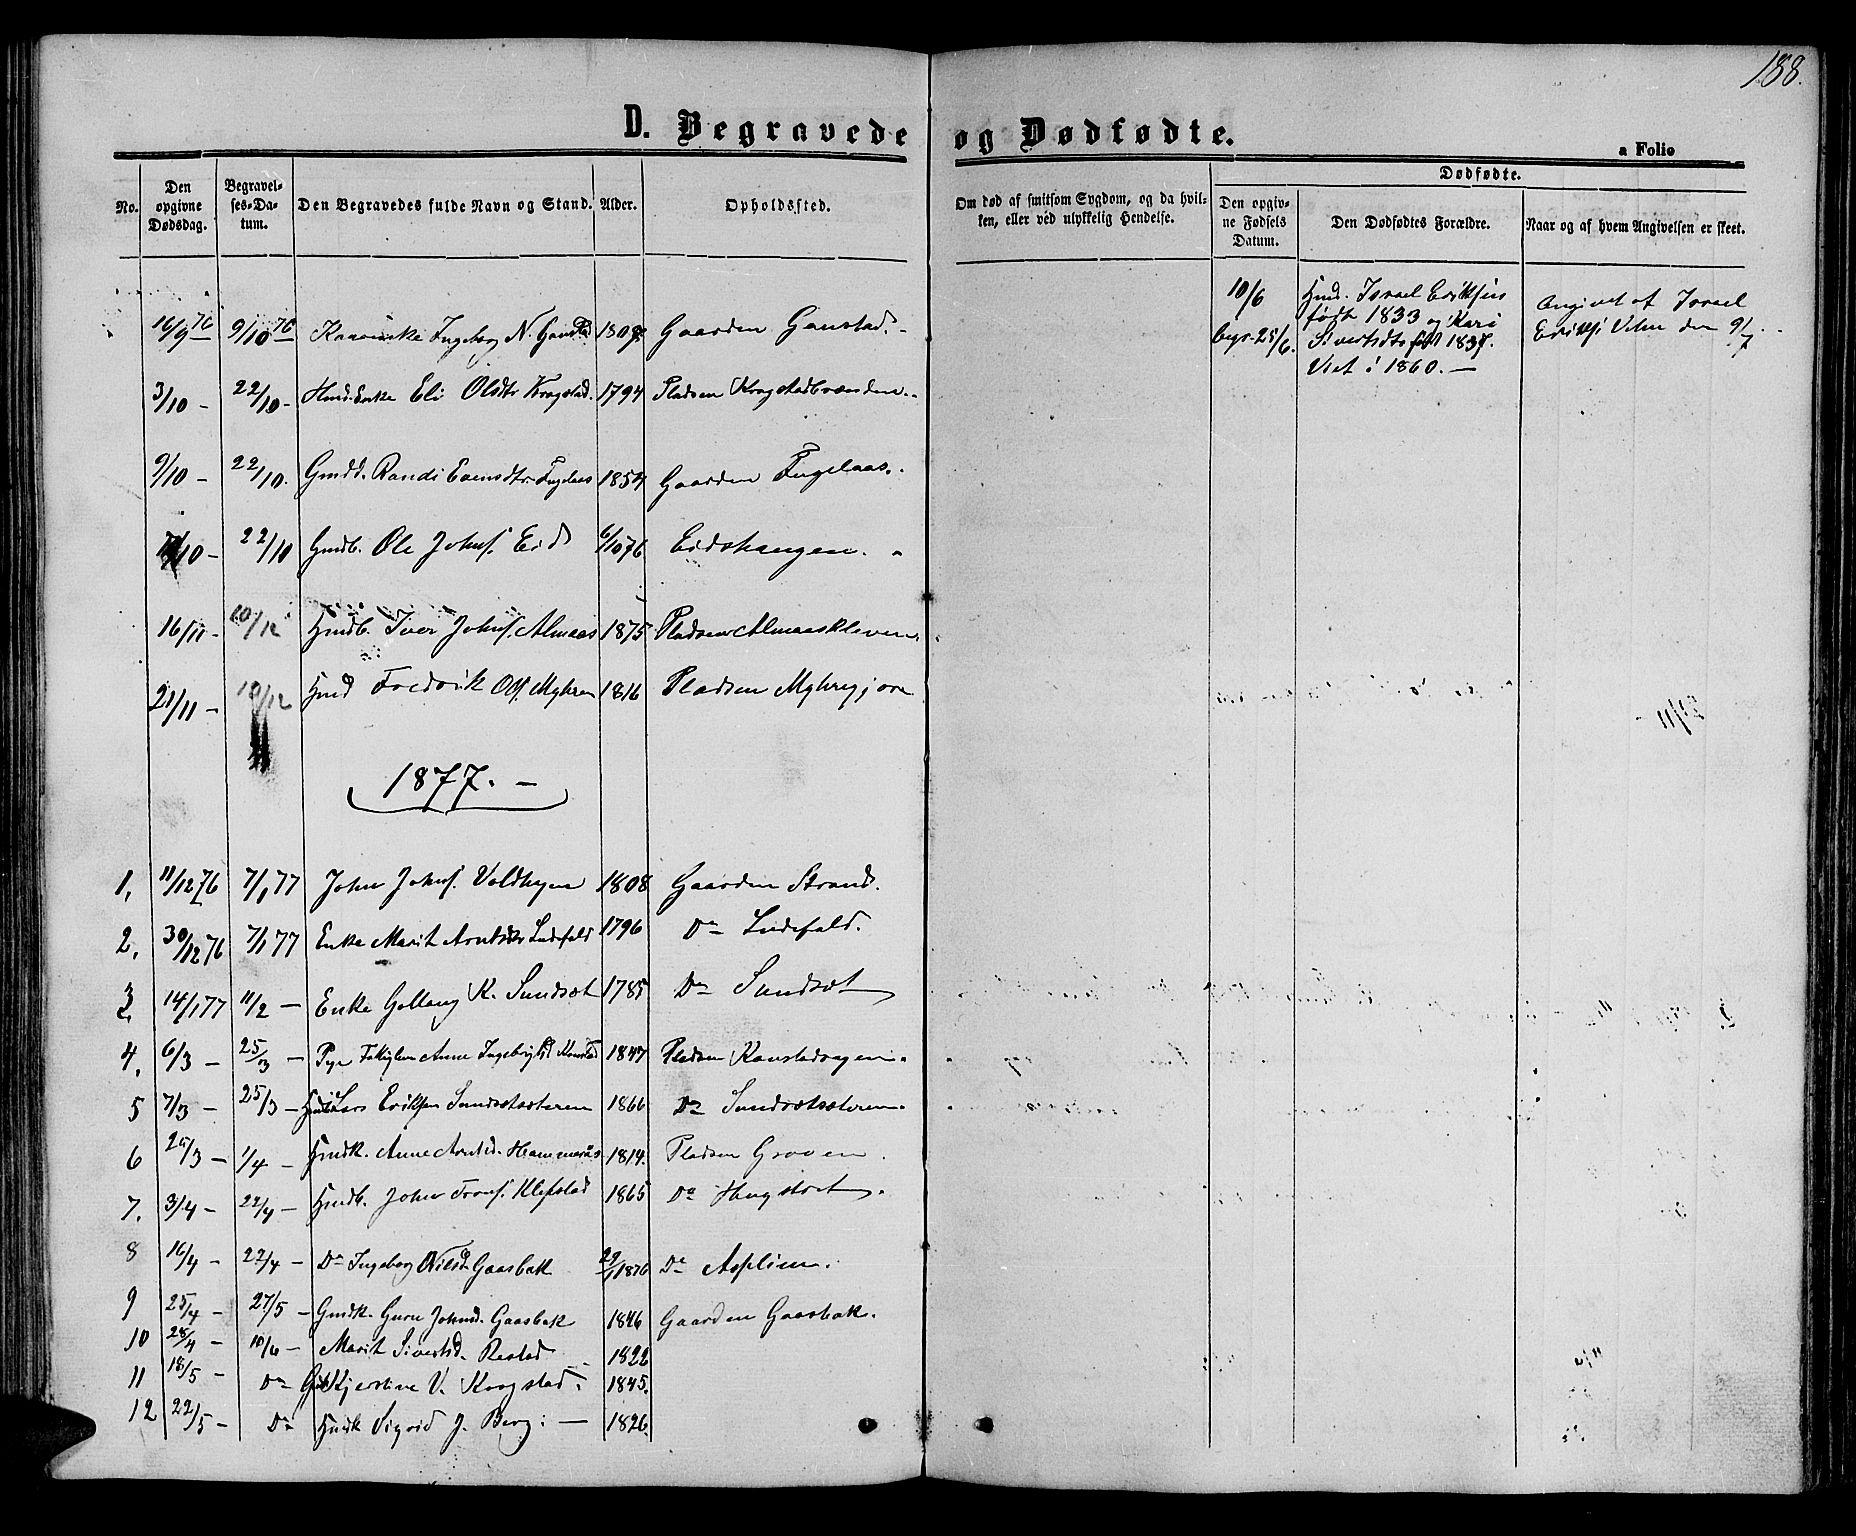 SAT, Ministerialprotokoller, klokkerbøker og fødselsregistre - Sør-Trøndelag, 694/L1131: Klokkerbok nr. 694C03, 1858-1886, s. 188